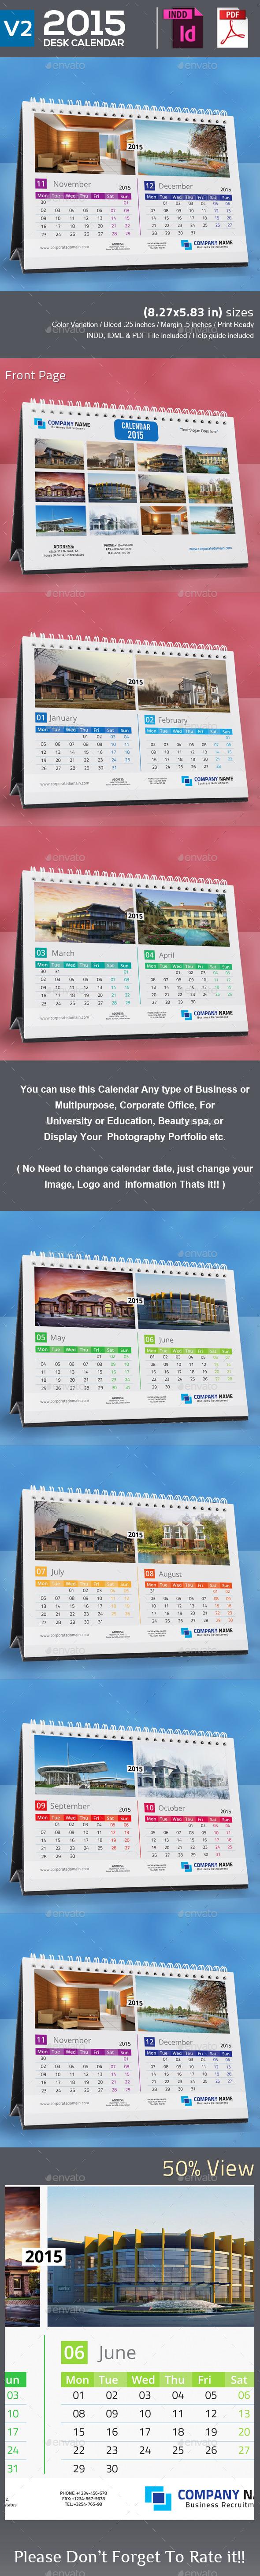 GraphicRiver 2015 Desk Calendar V2 9291425